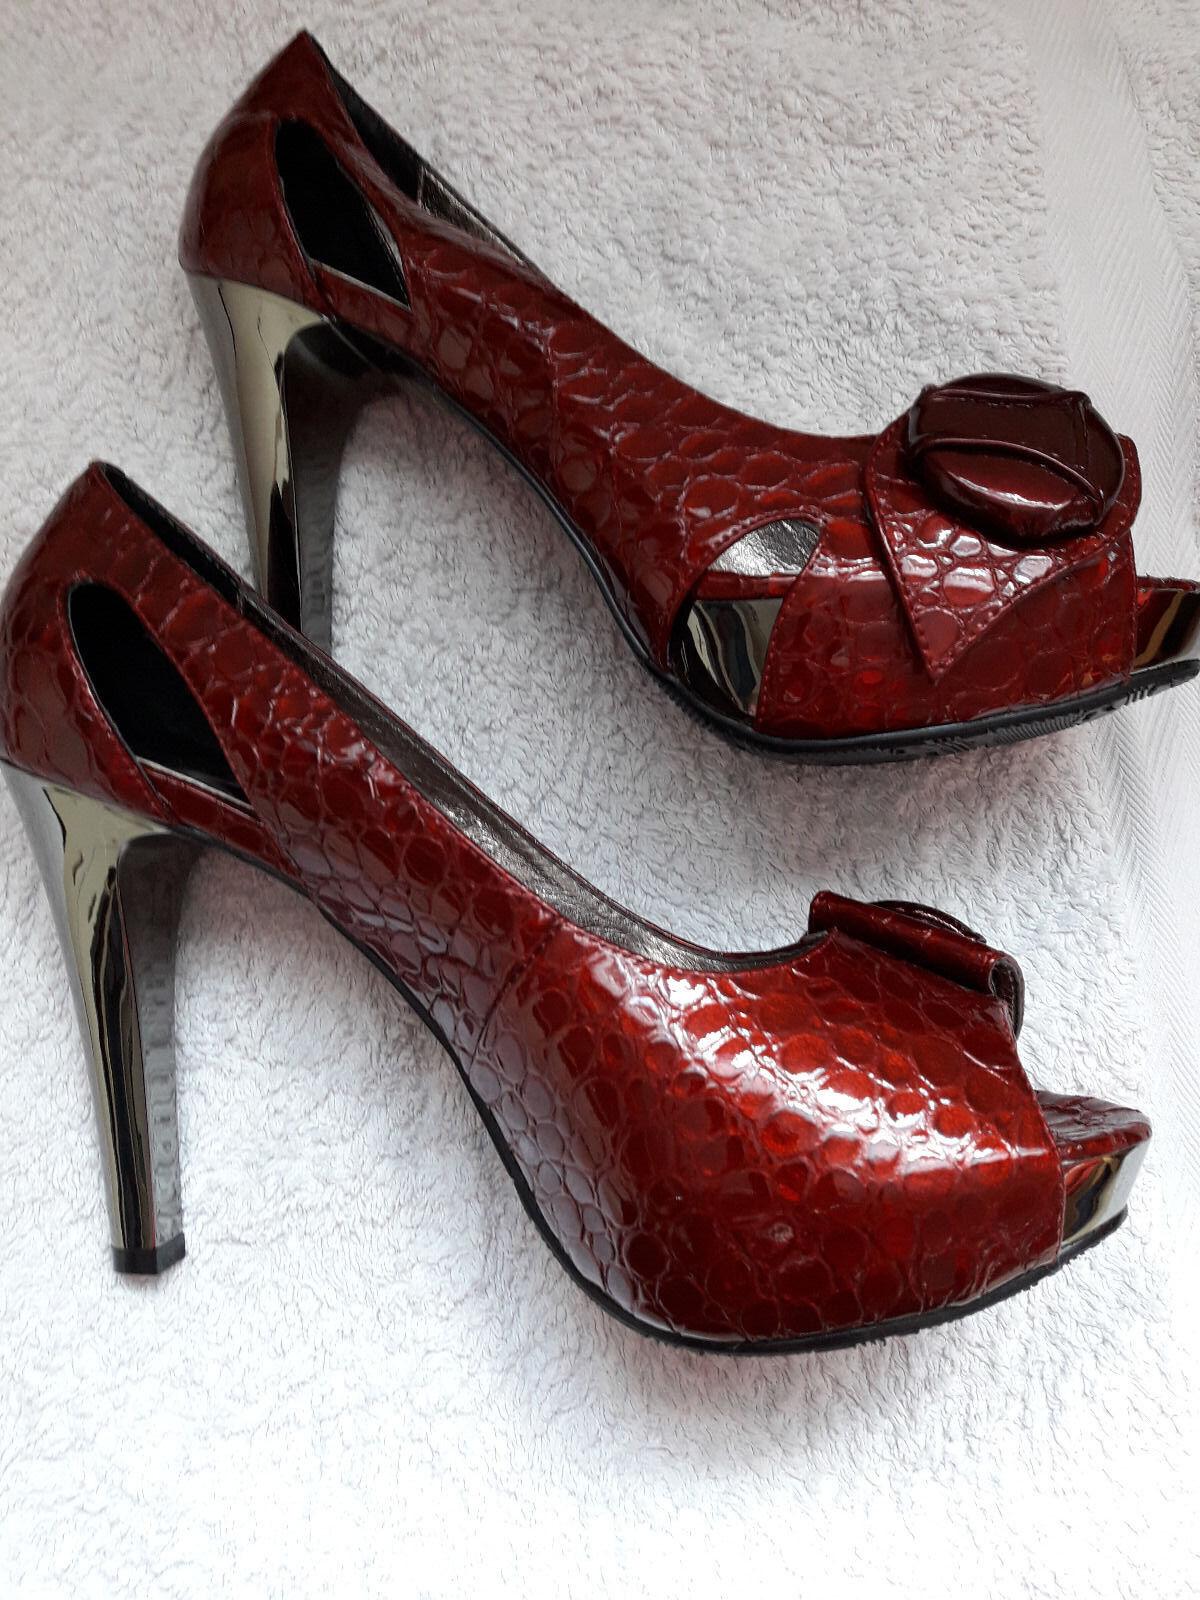 Rosa Rot Damen Schuhe / High Heels / 38 Plateau / Pumps Gr. 38 / 3ca834